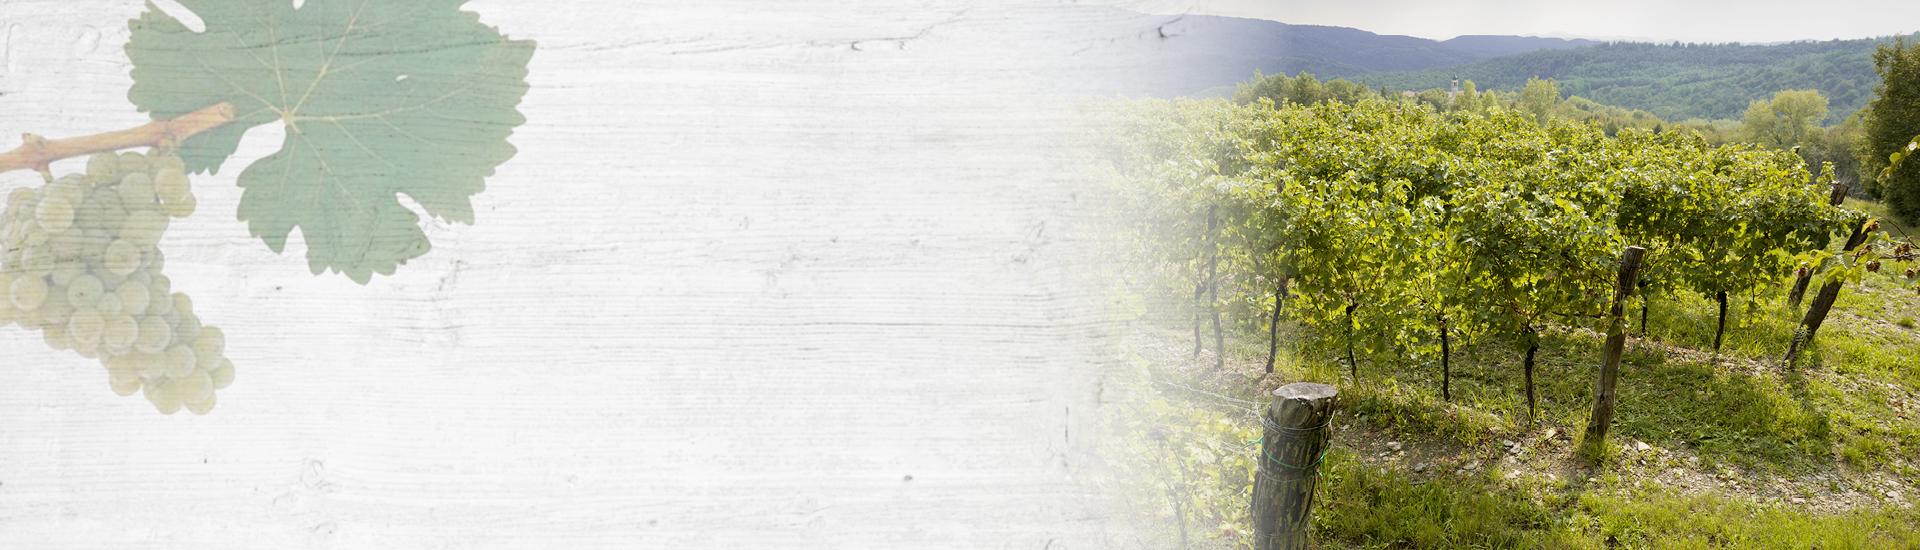 Weine - Vinorama on Tour - Sauvignon Blanc 08/2017 Slider